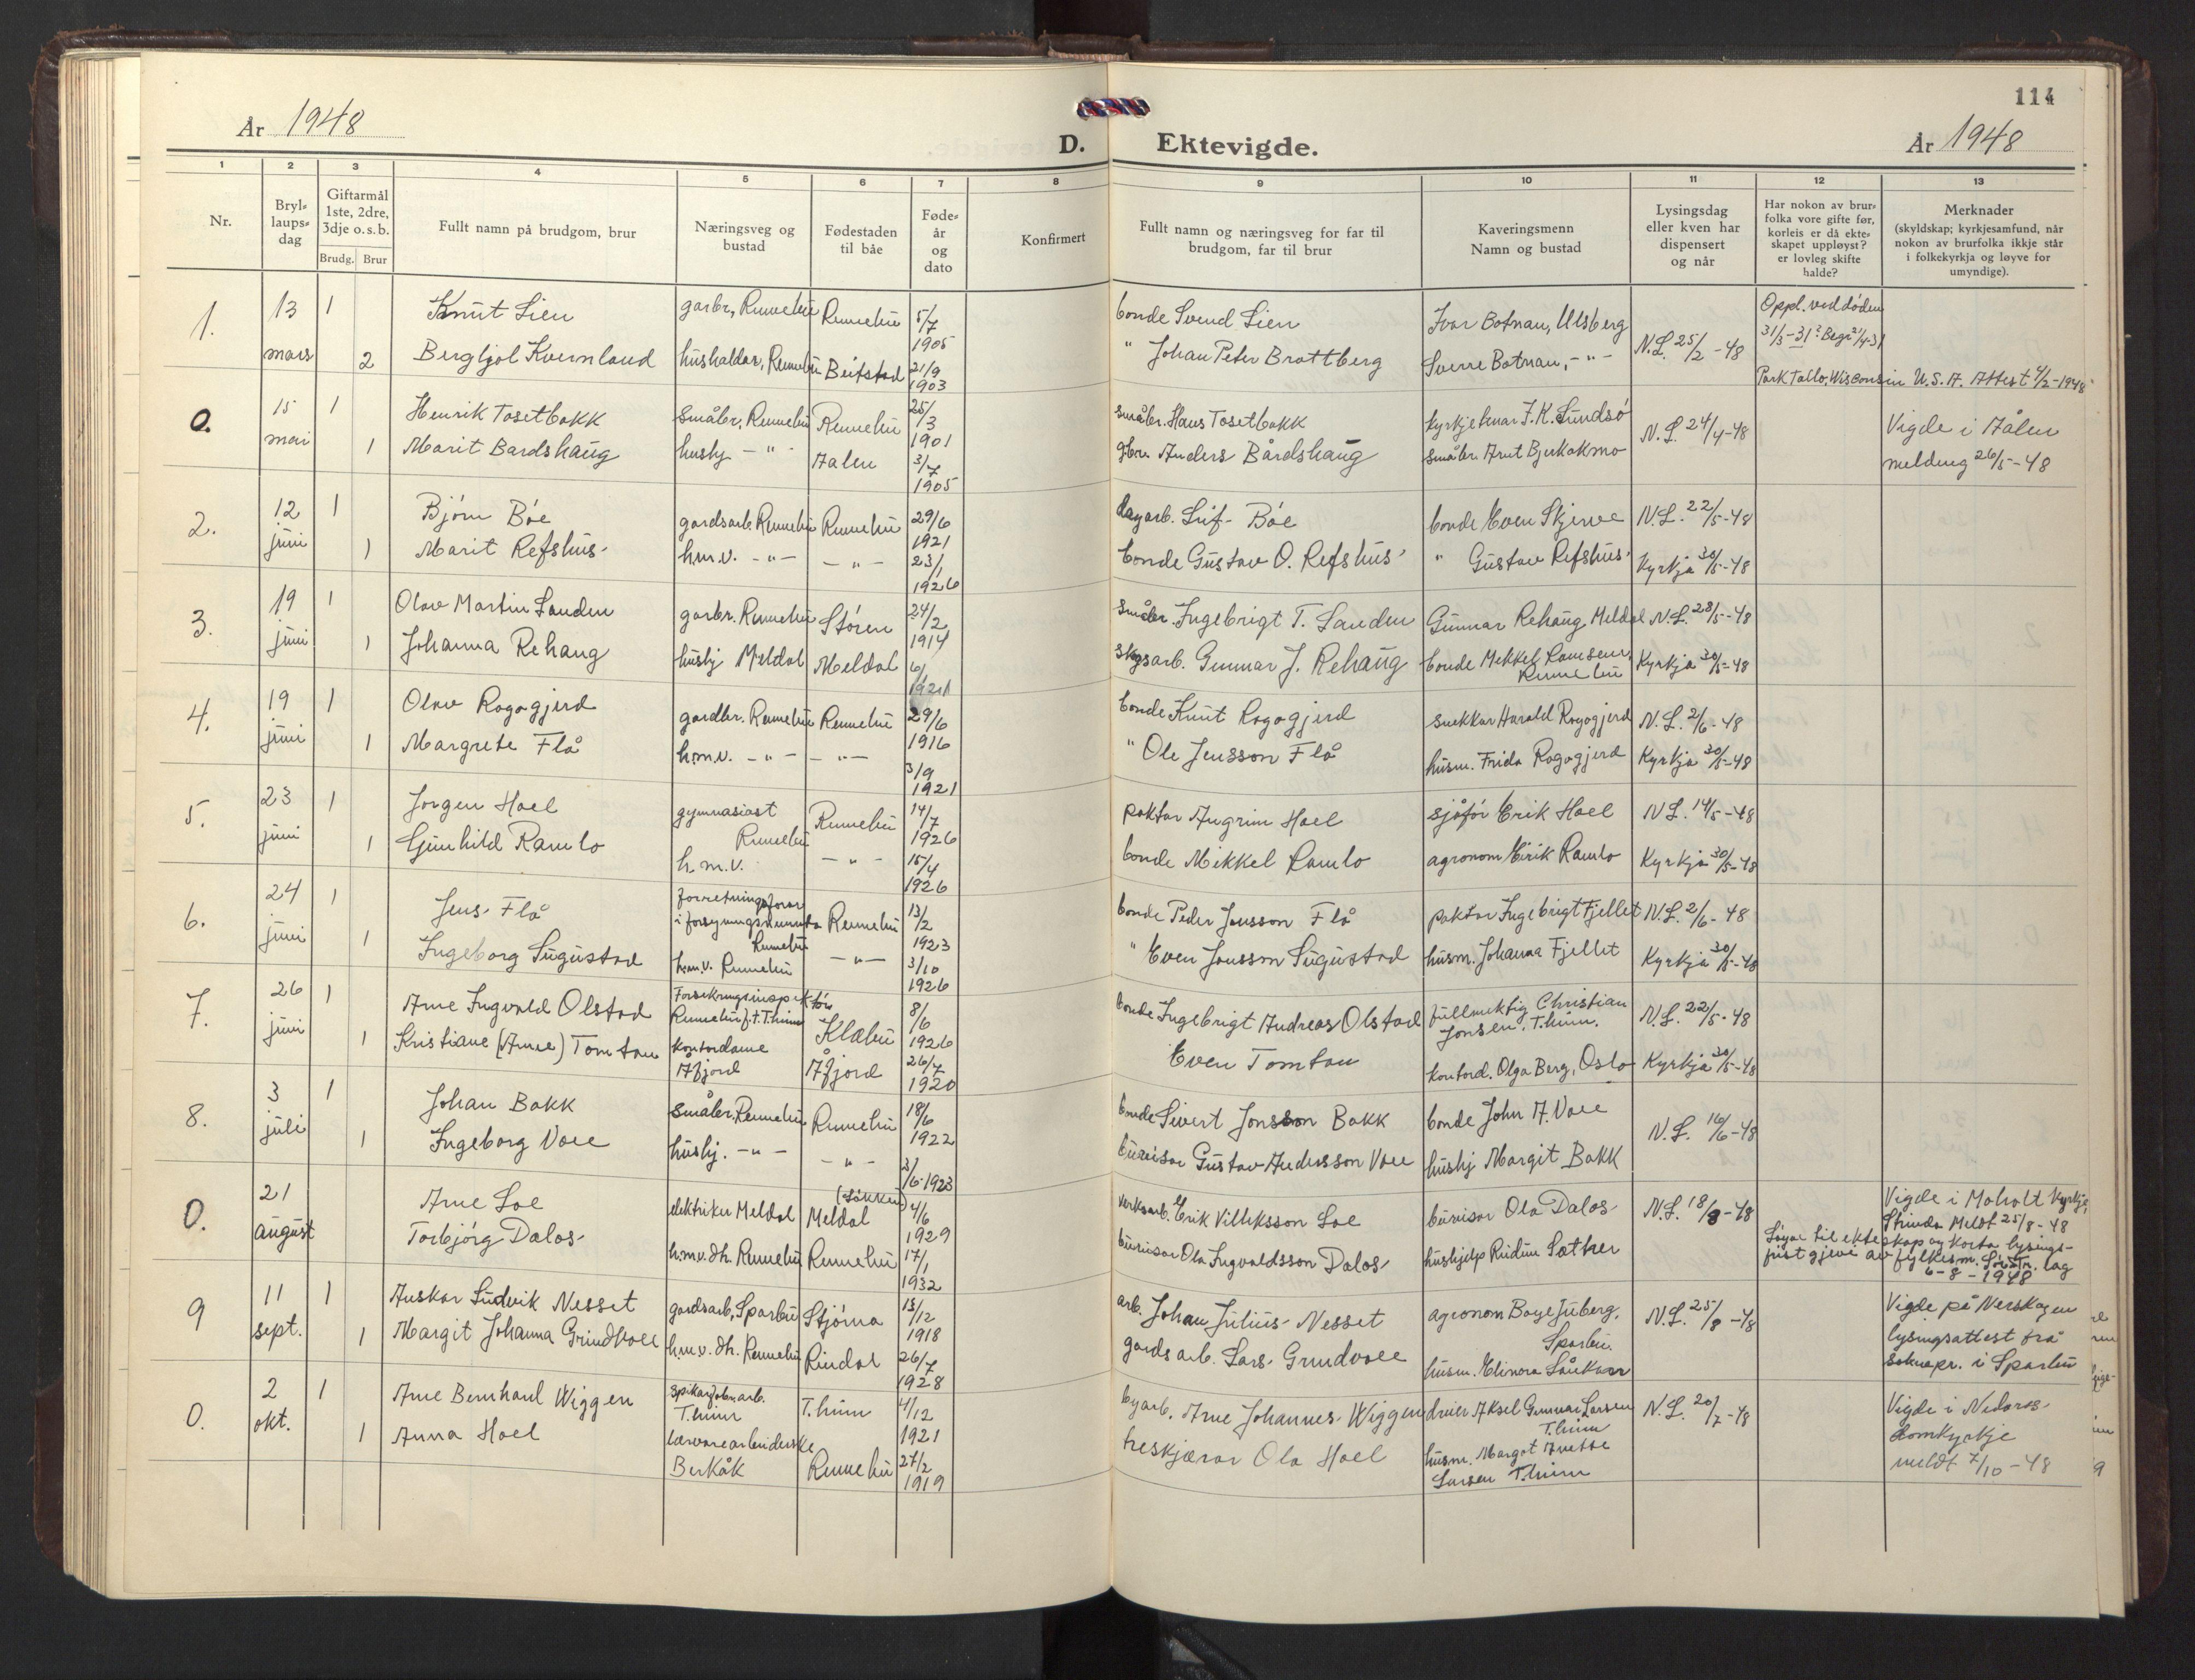 SAT, Ministerialprotokoller, klokkerbøker og fødselsregistre - Sør-Trøndelag, 674/L0878: Klokkerbok nr. 674C05, 1941-1950, s. 114